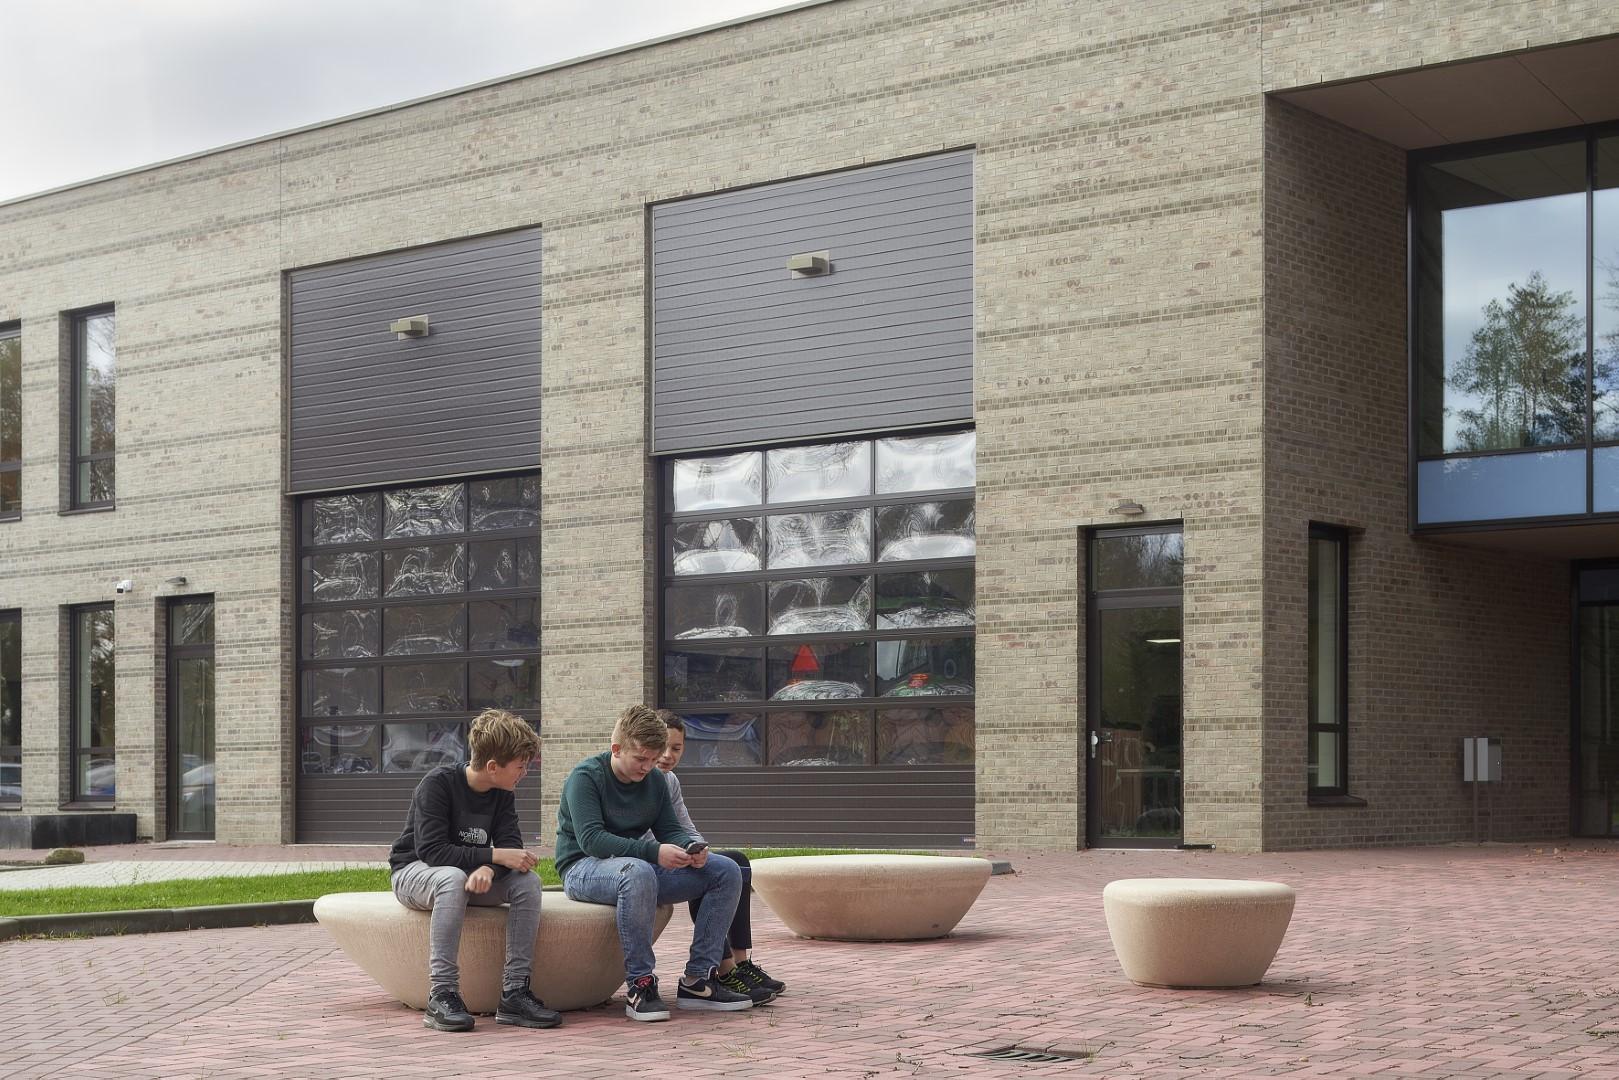 Supercell zitelementen van beton - entree school